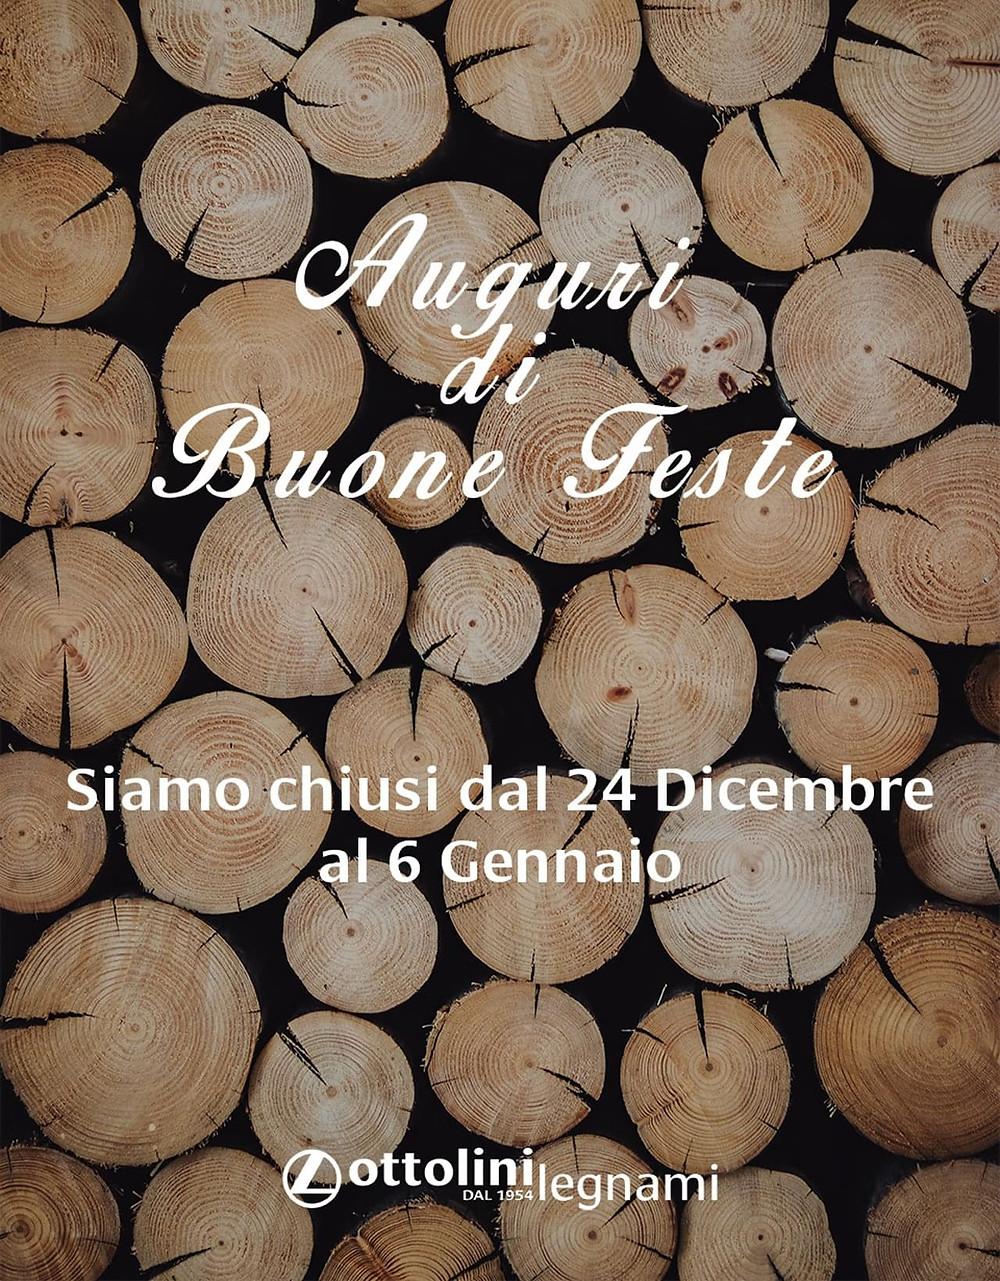 Auguri di Buone feste da tutto il gruppo Ottolini Legnami.